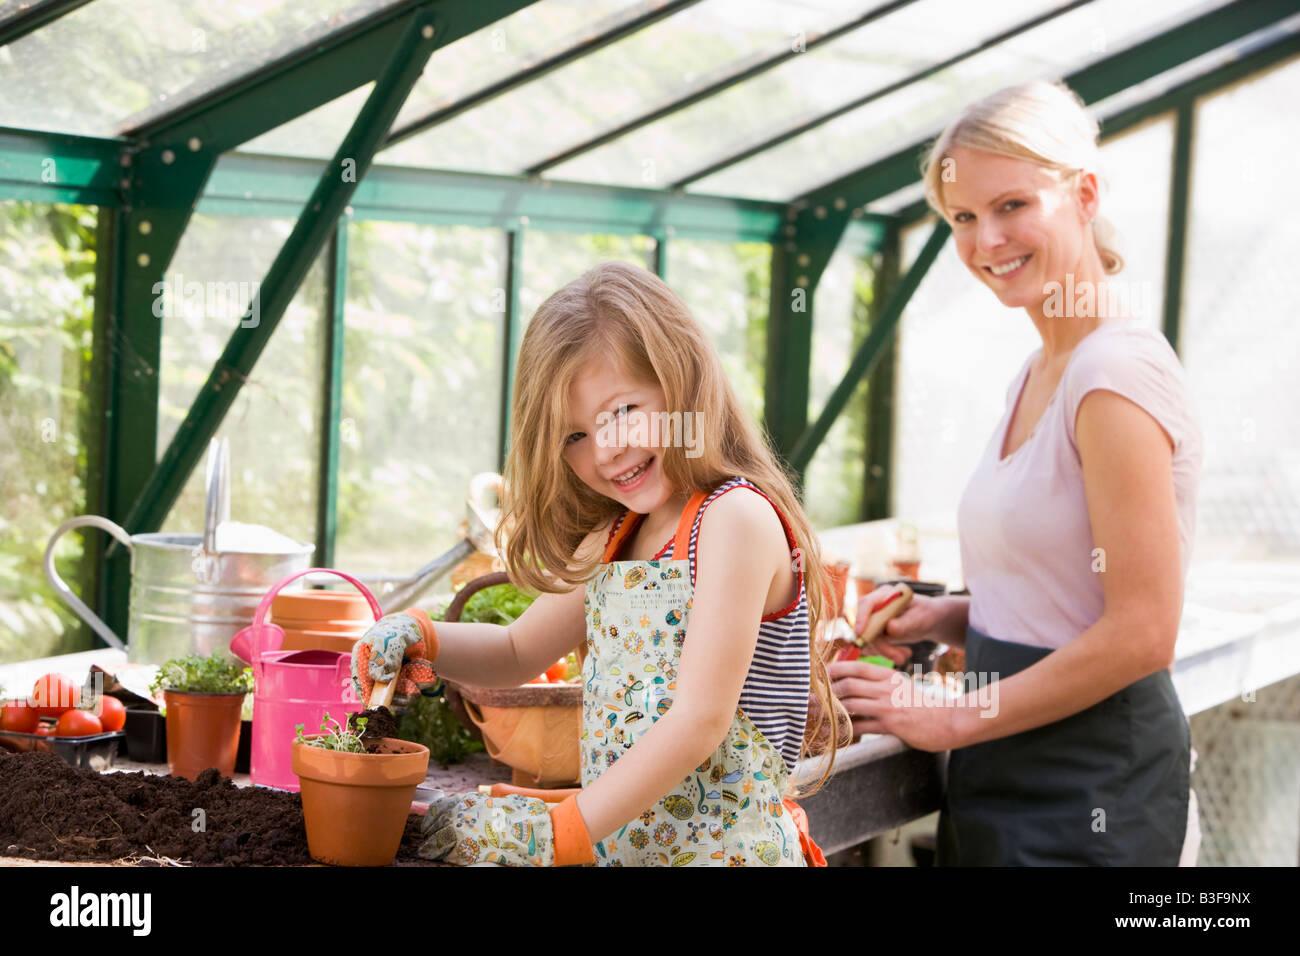 Niña y mujer en invernadero poner suelo en potes sonriendo Foto de stock